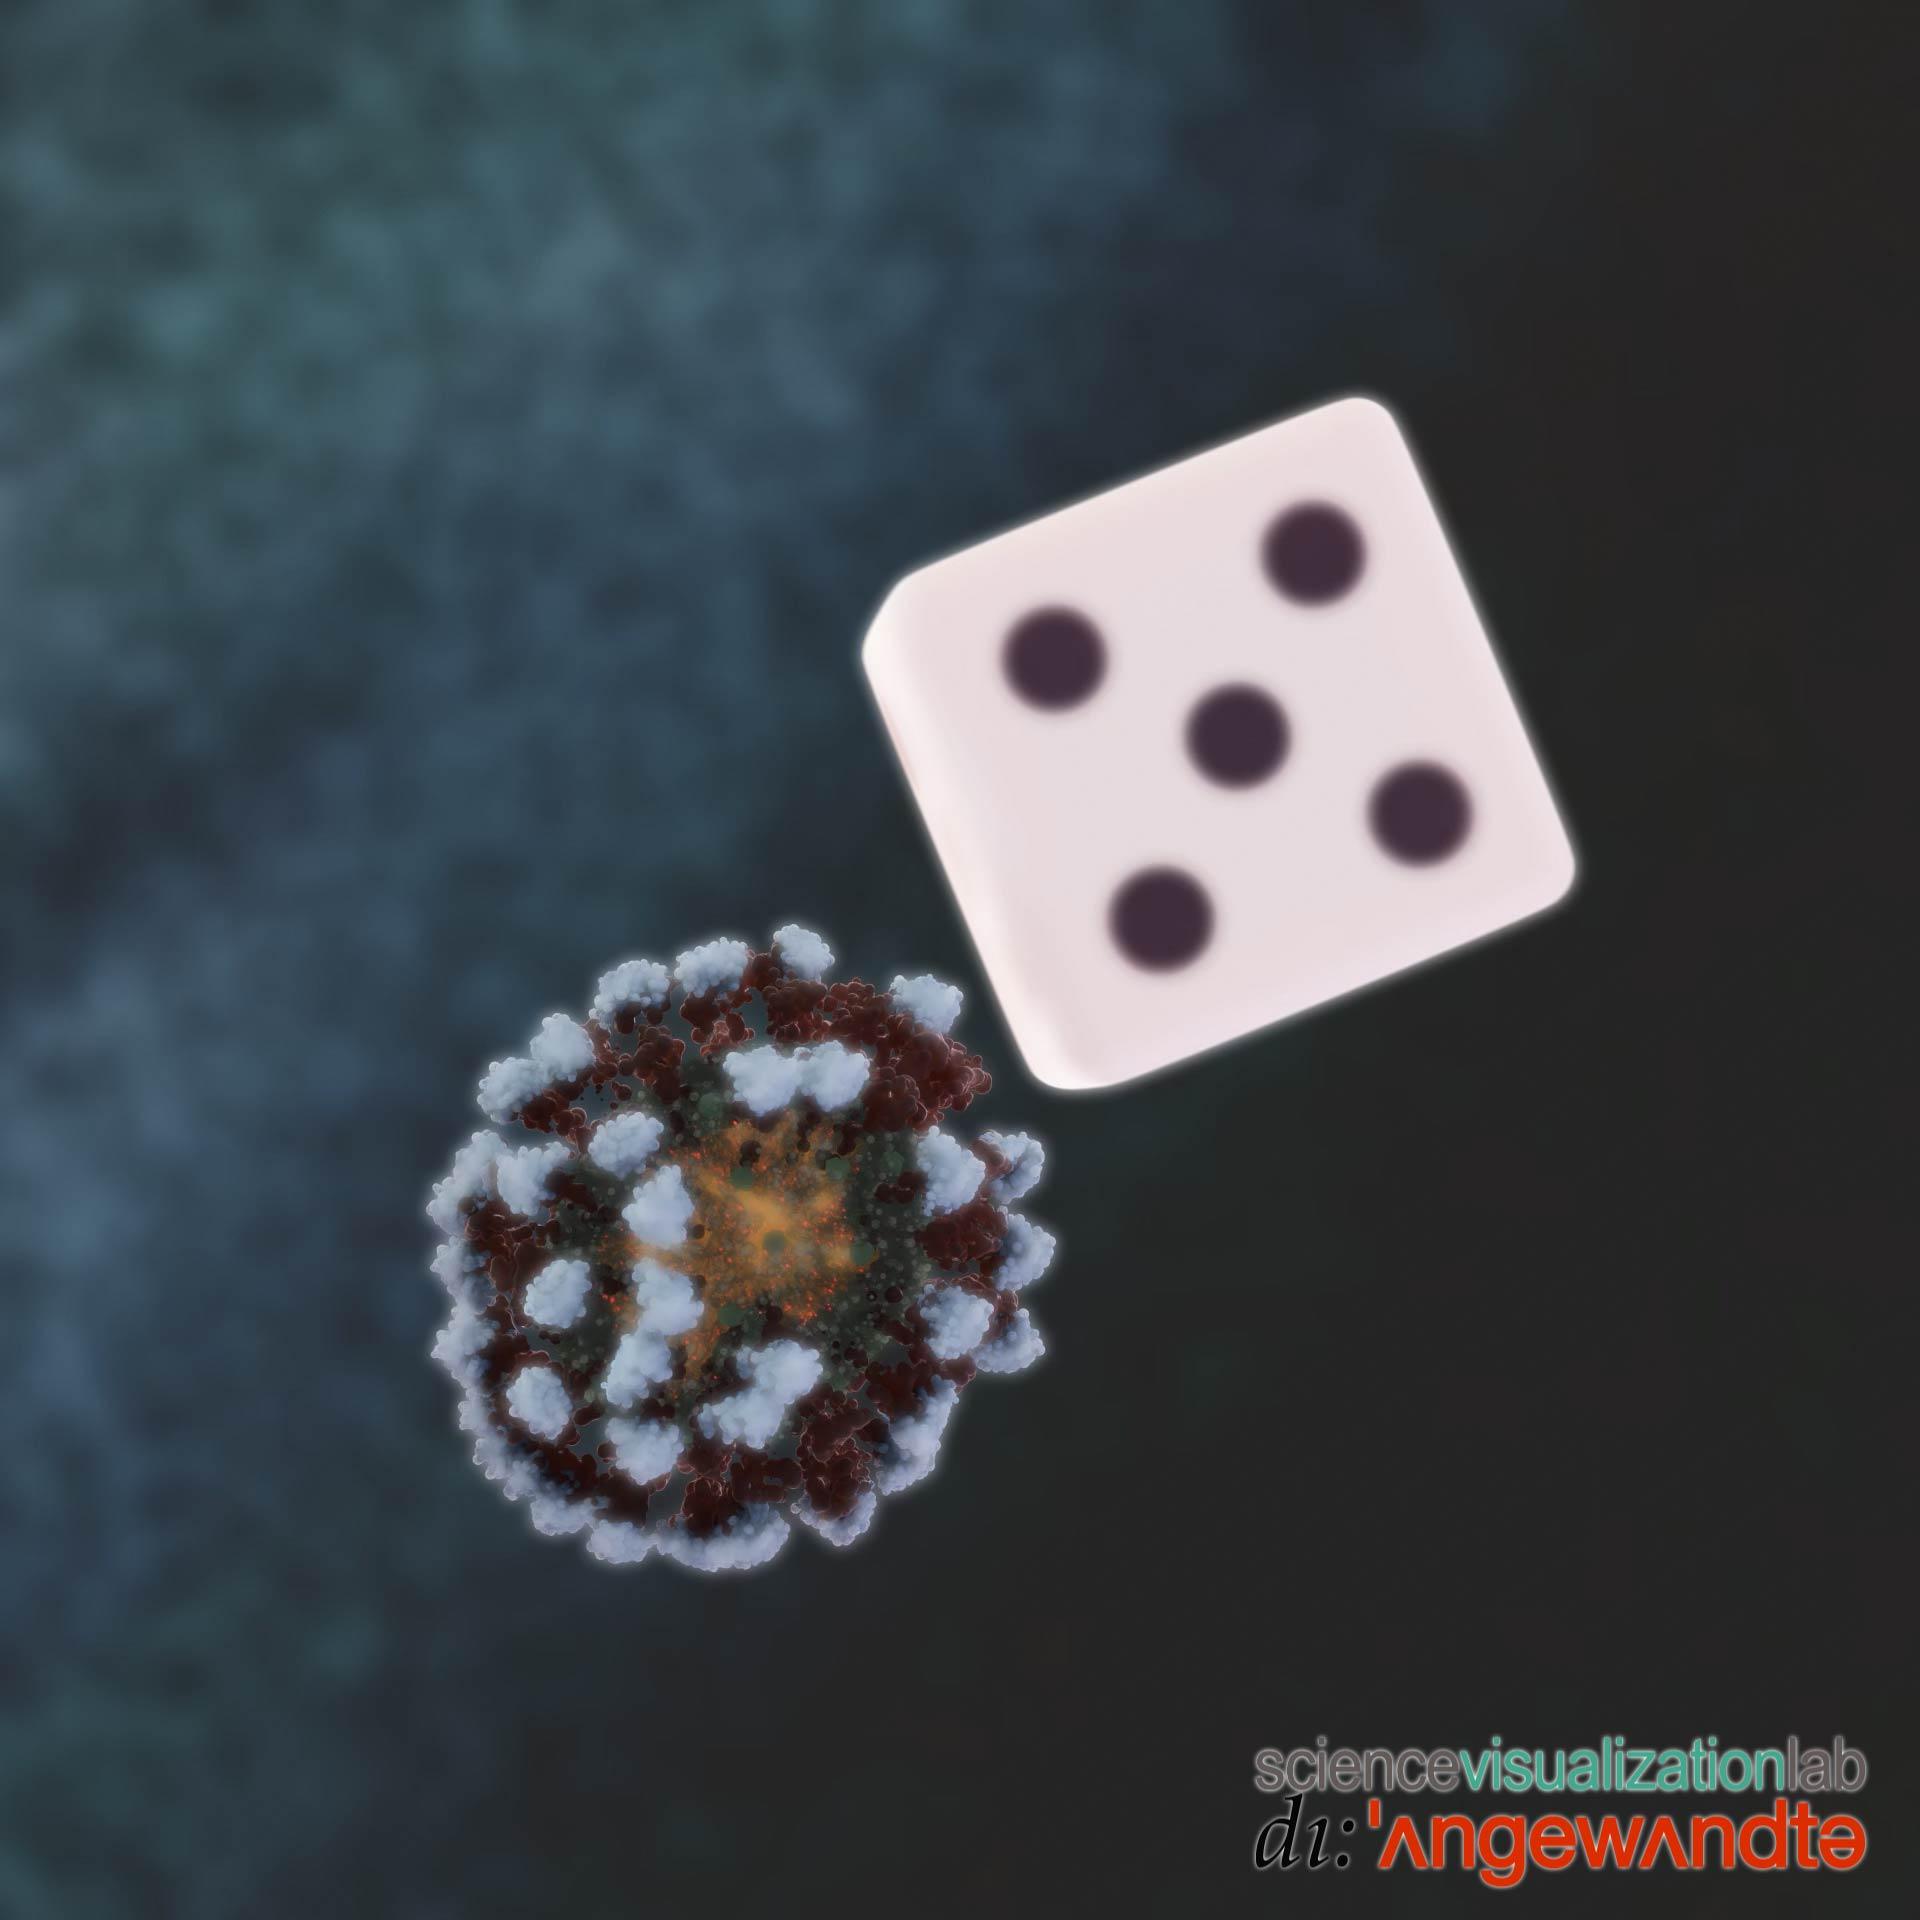 Virus dice teaser still